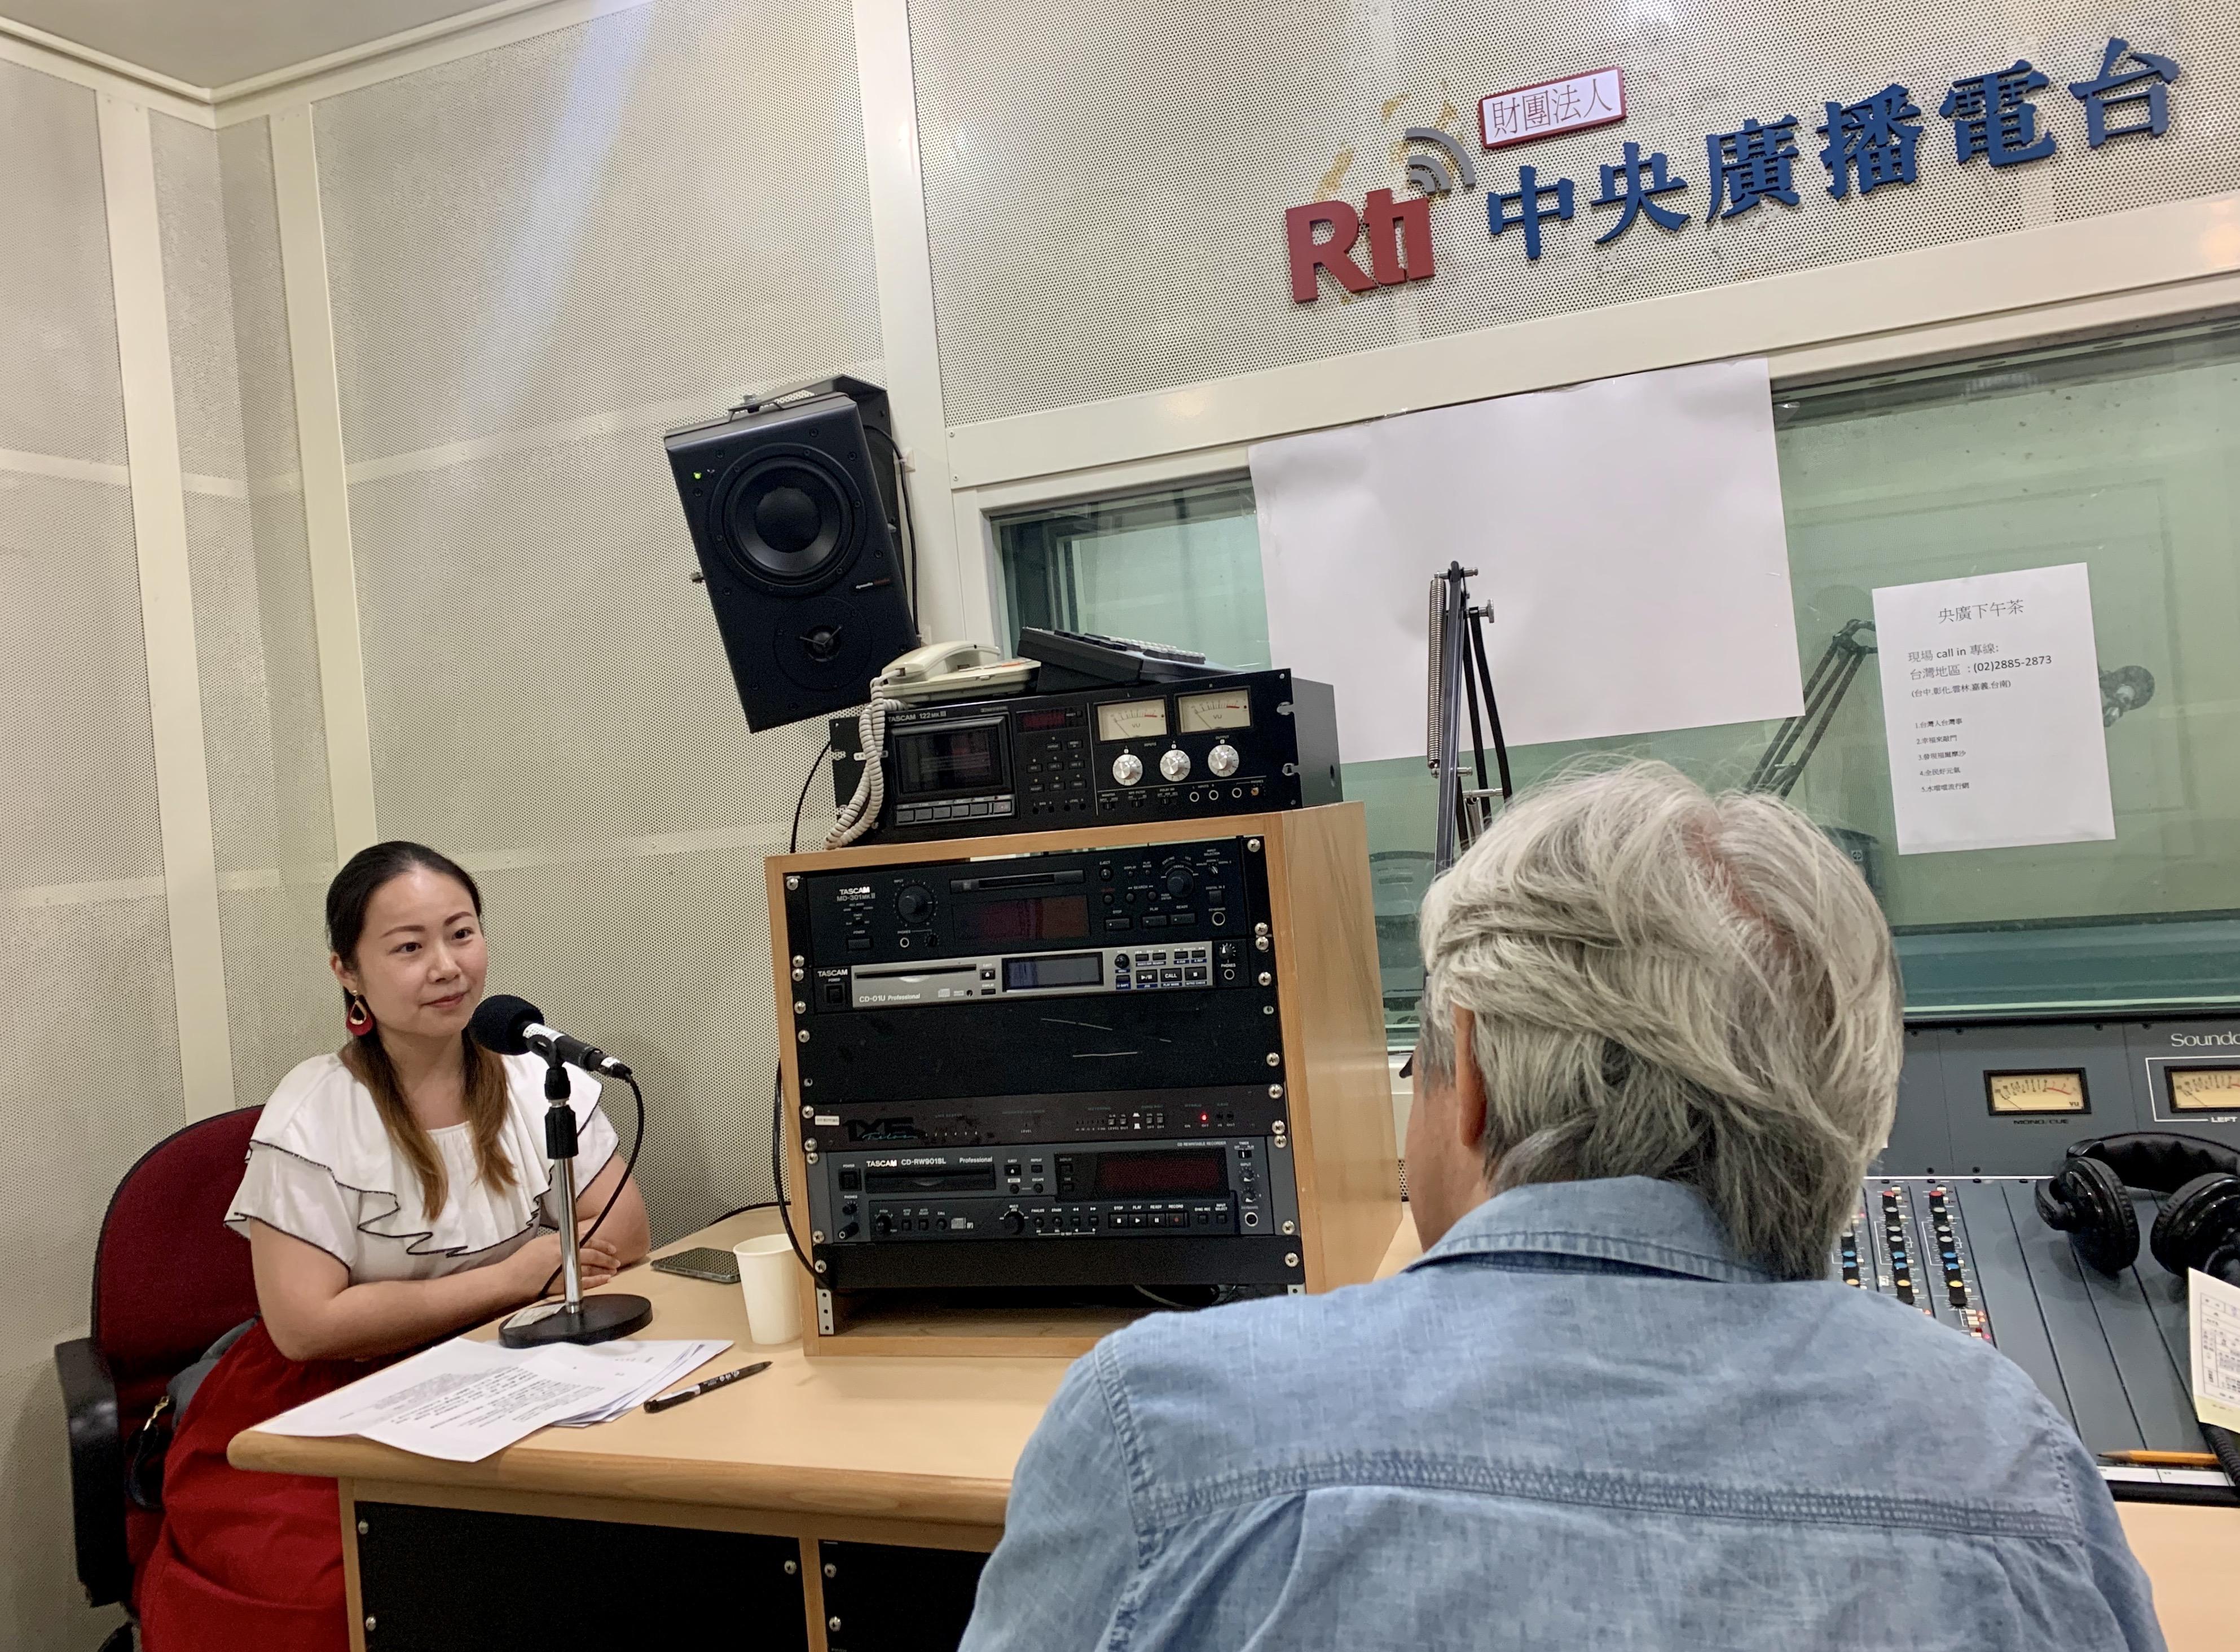 戲劇學者-與高美瑜談京劇 三